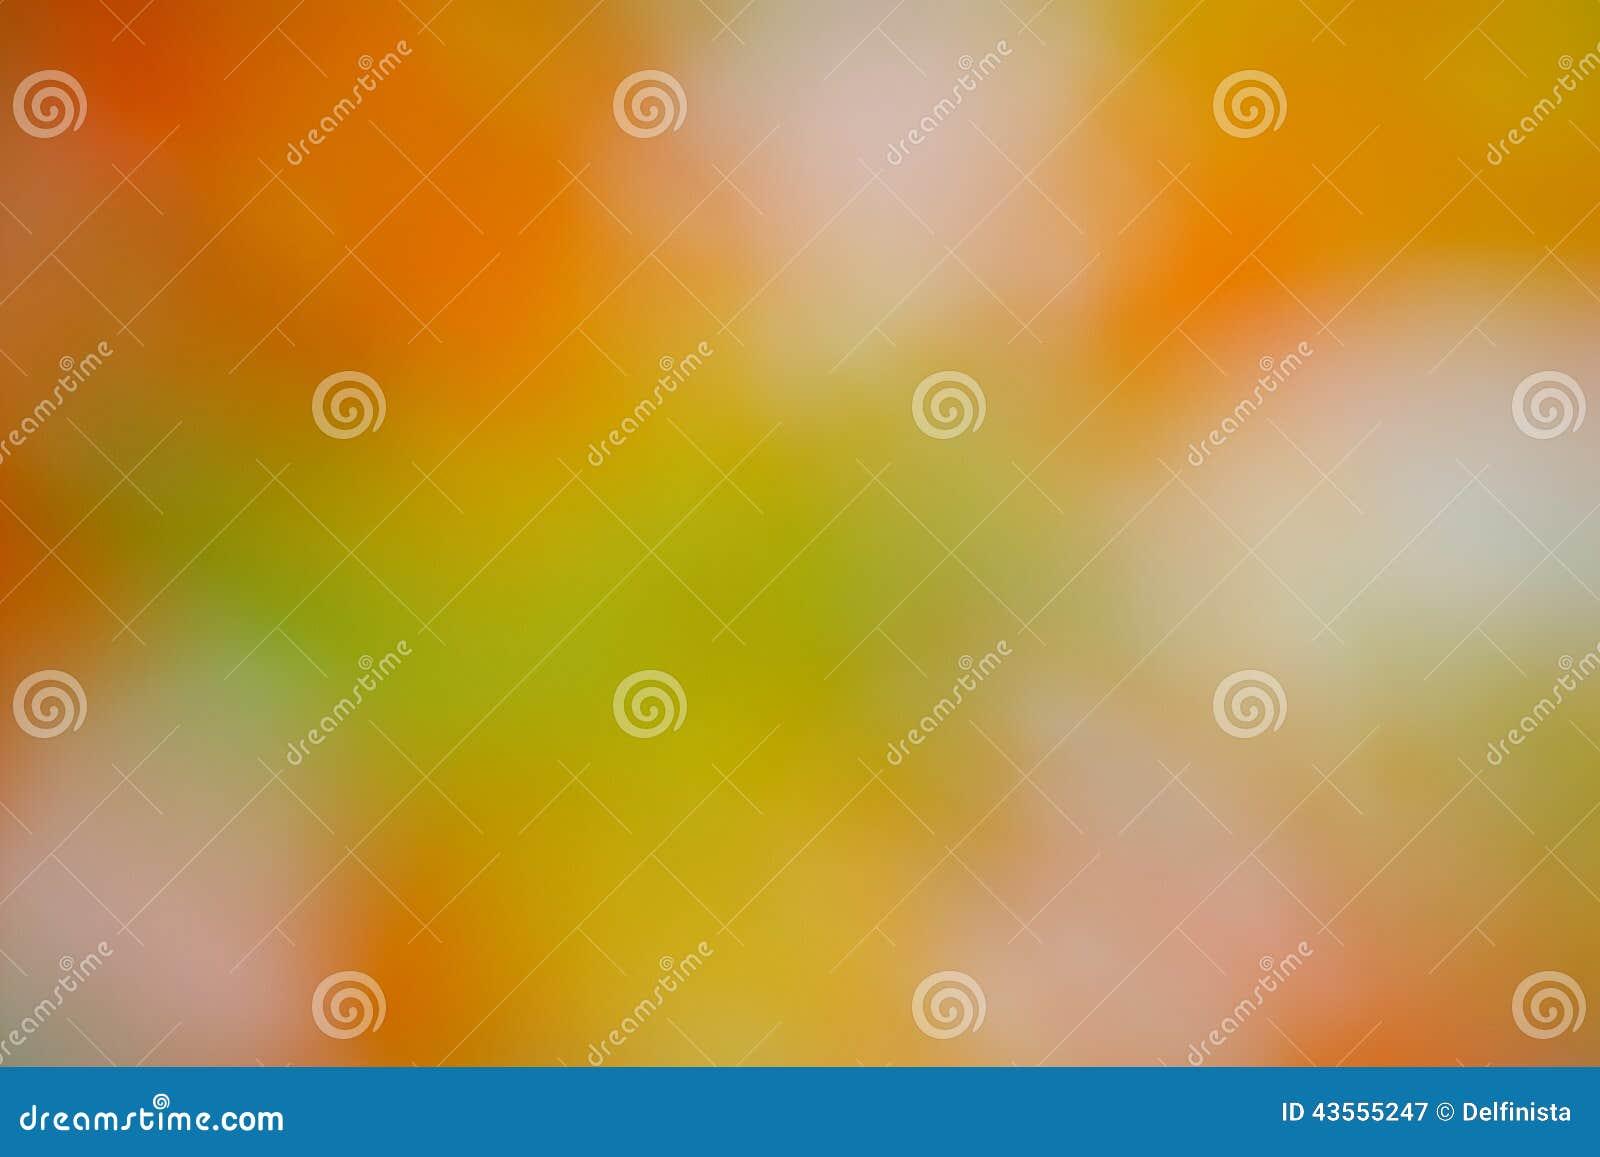 Herbst-/Fall-Hintergrund - abstrakte Unschärfe-Vorrat-Fotos